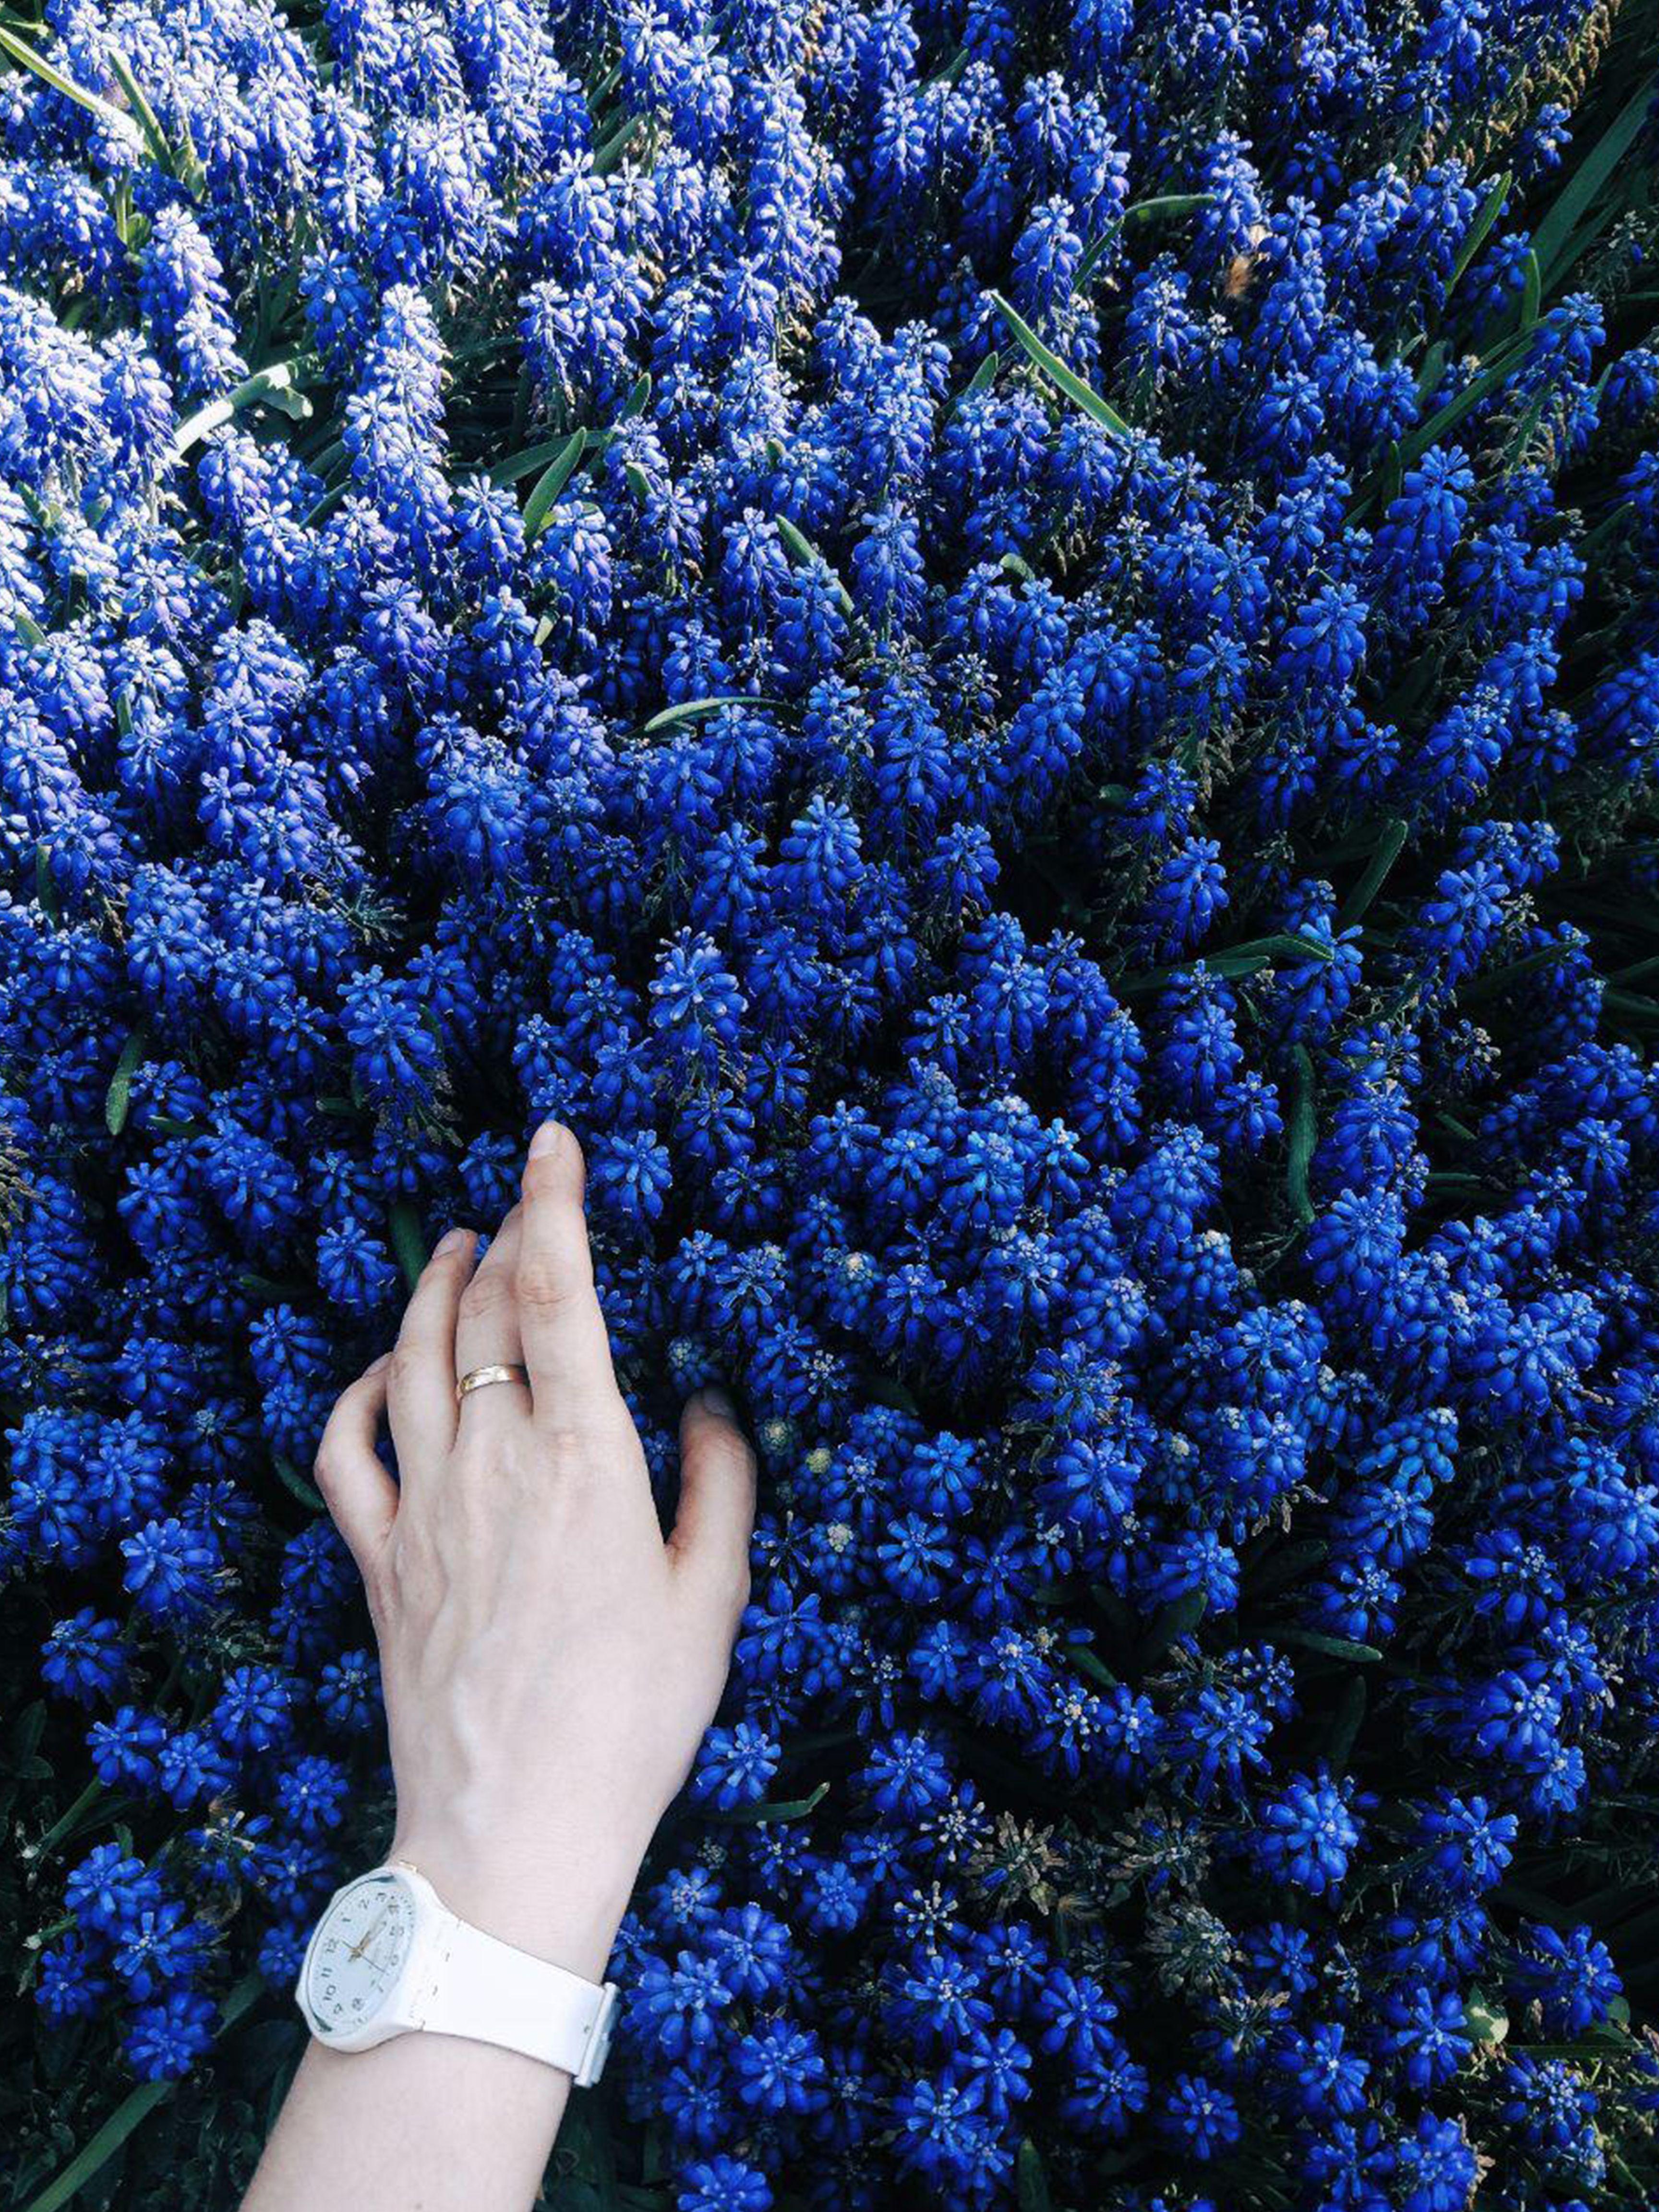 Про, прикольные картинки синего цвета